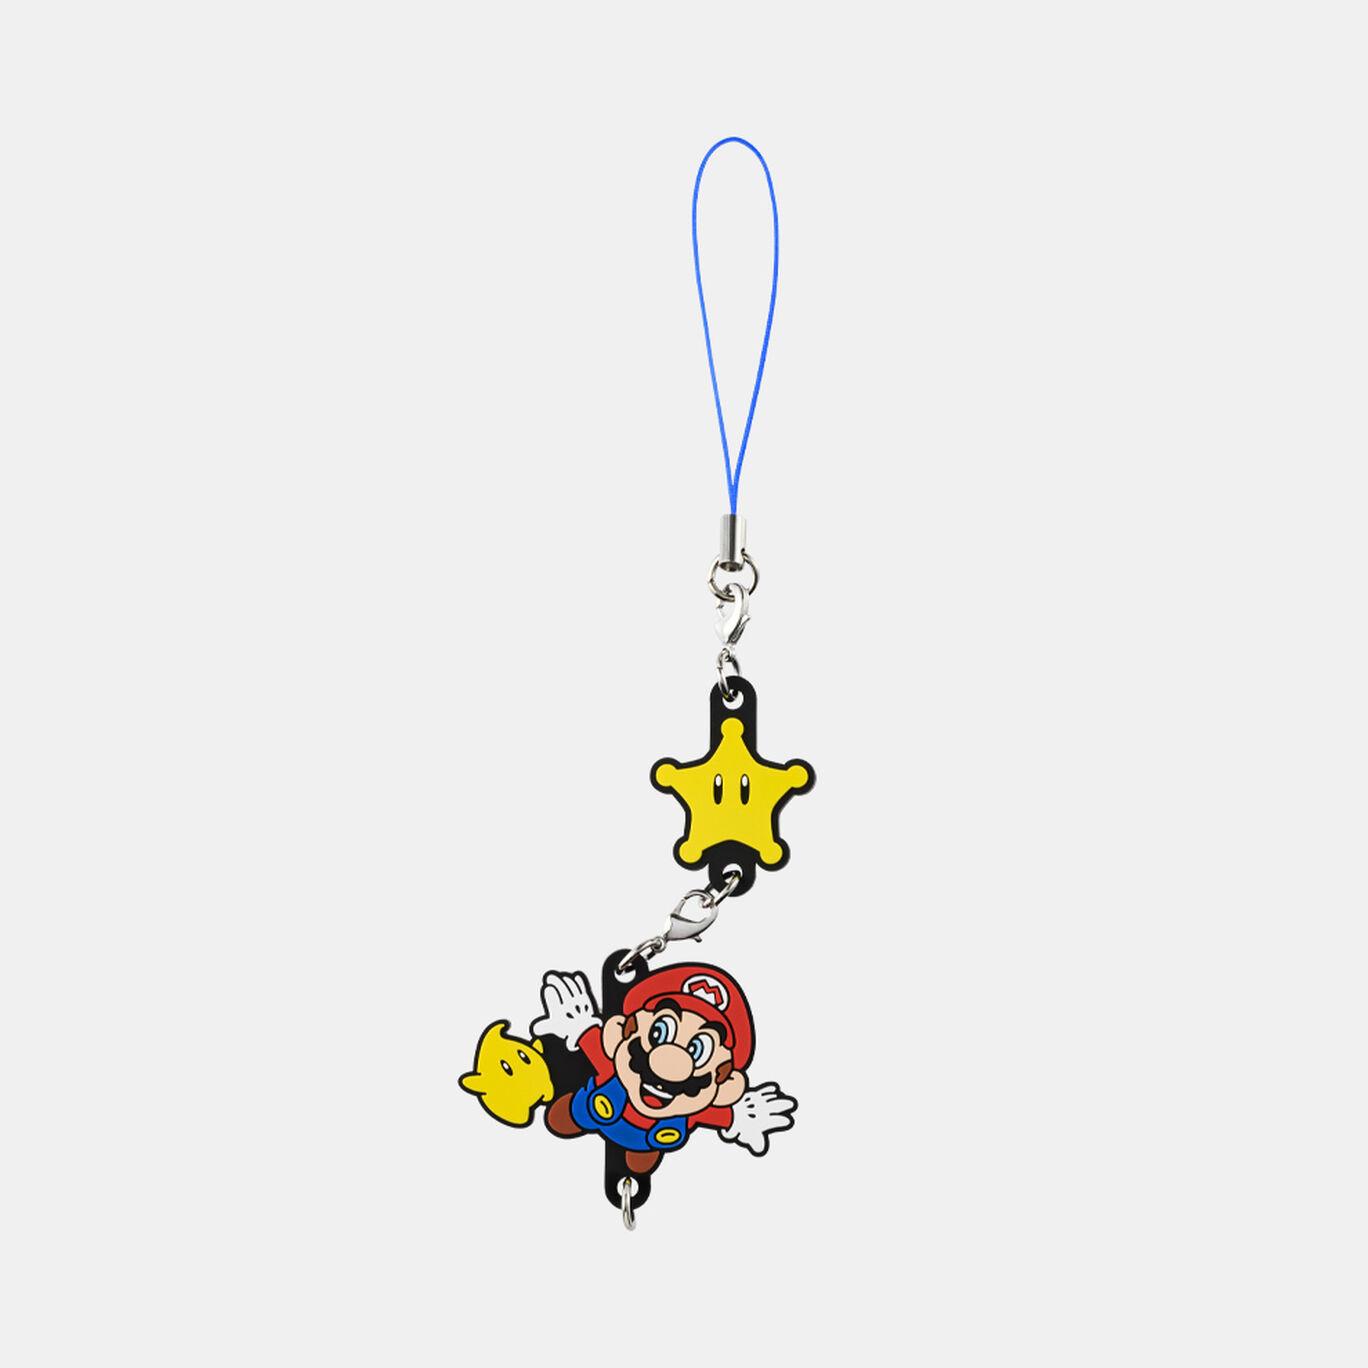 つながるラバーストラップ スーパーマリオ 3Dコレクション スーパーマリオギャラクシー【Nintendo TOKYO取り扱い商品】